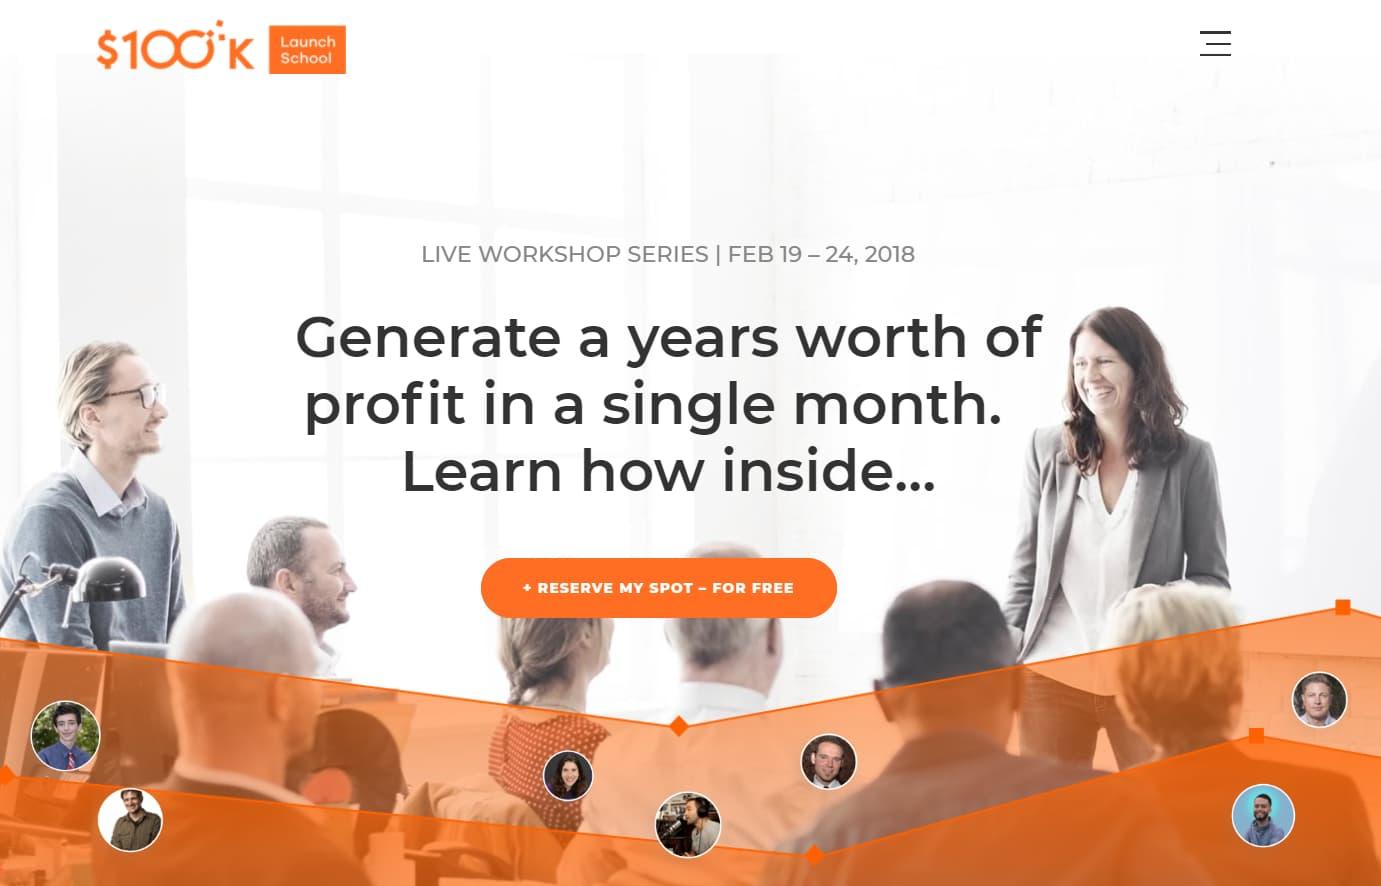 $100k Launch School